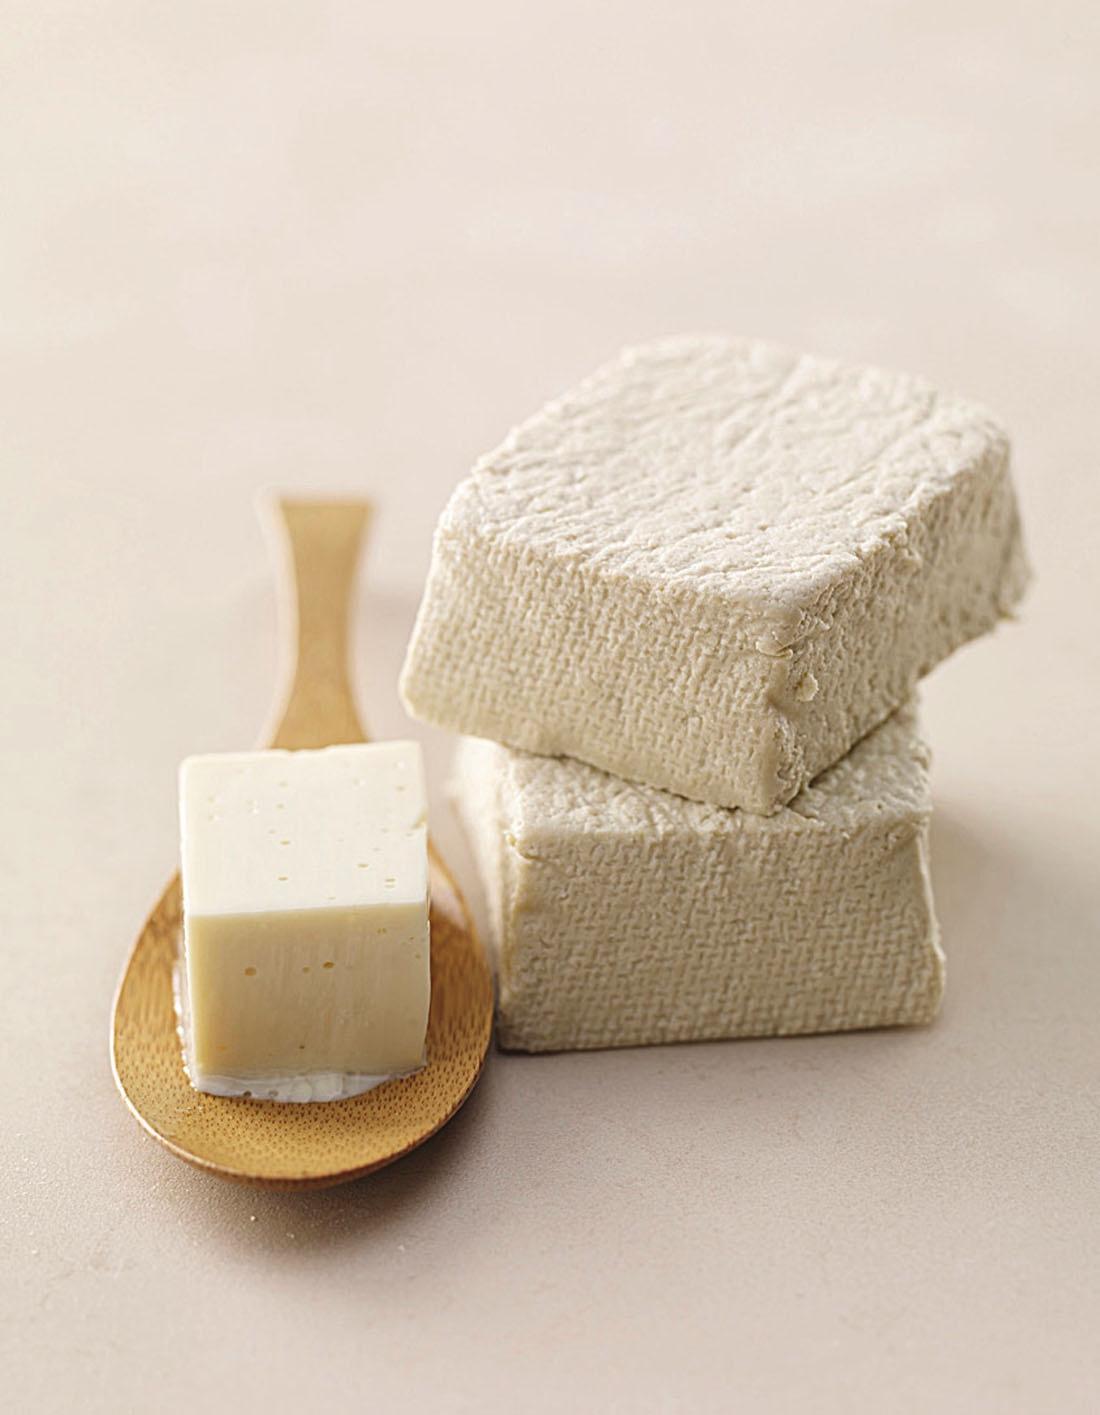 Insipidi come il tofu